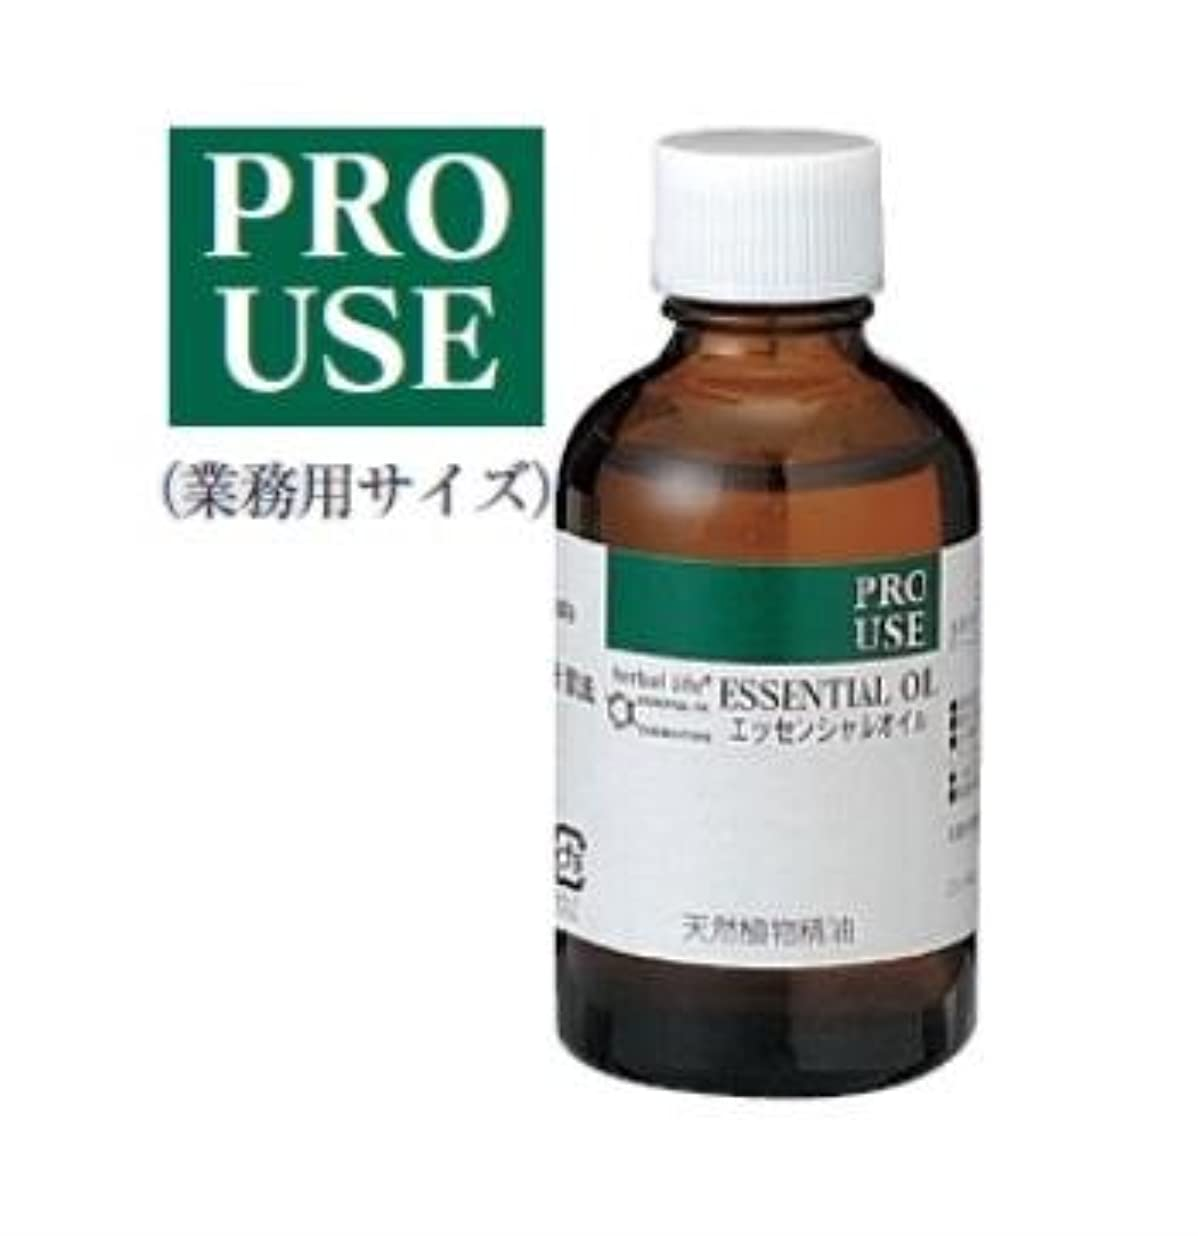 ベジタリアンブルジョン換気生活の木 エッセンシャルオイル ゼラニウム 精油 50ml アロマオイル アロマ